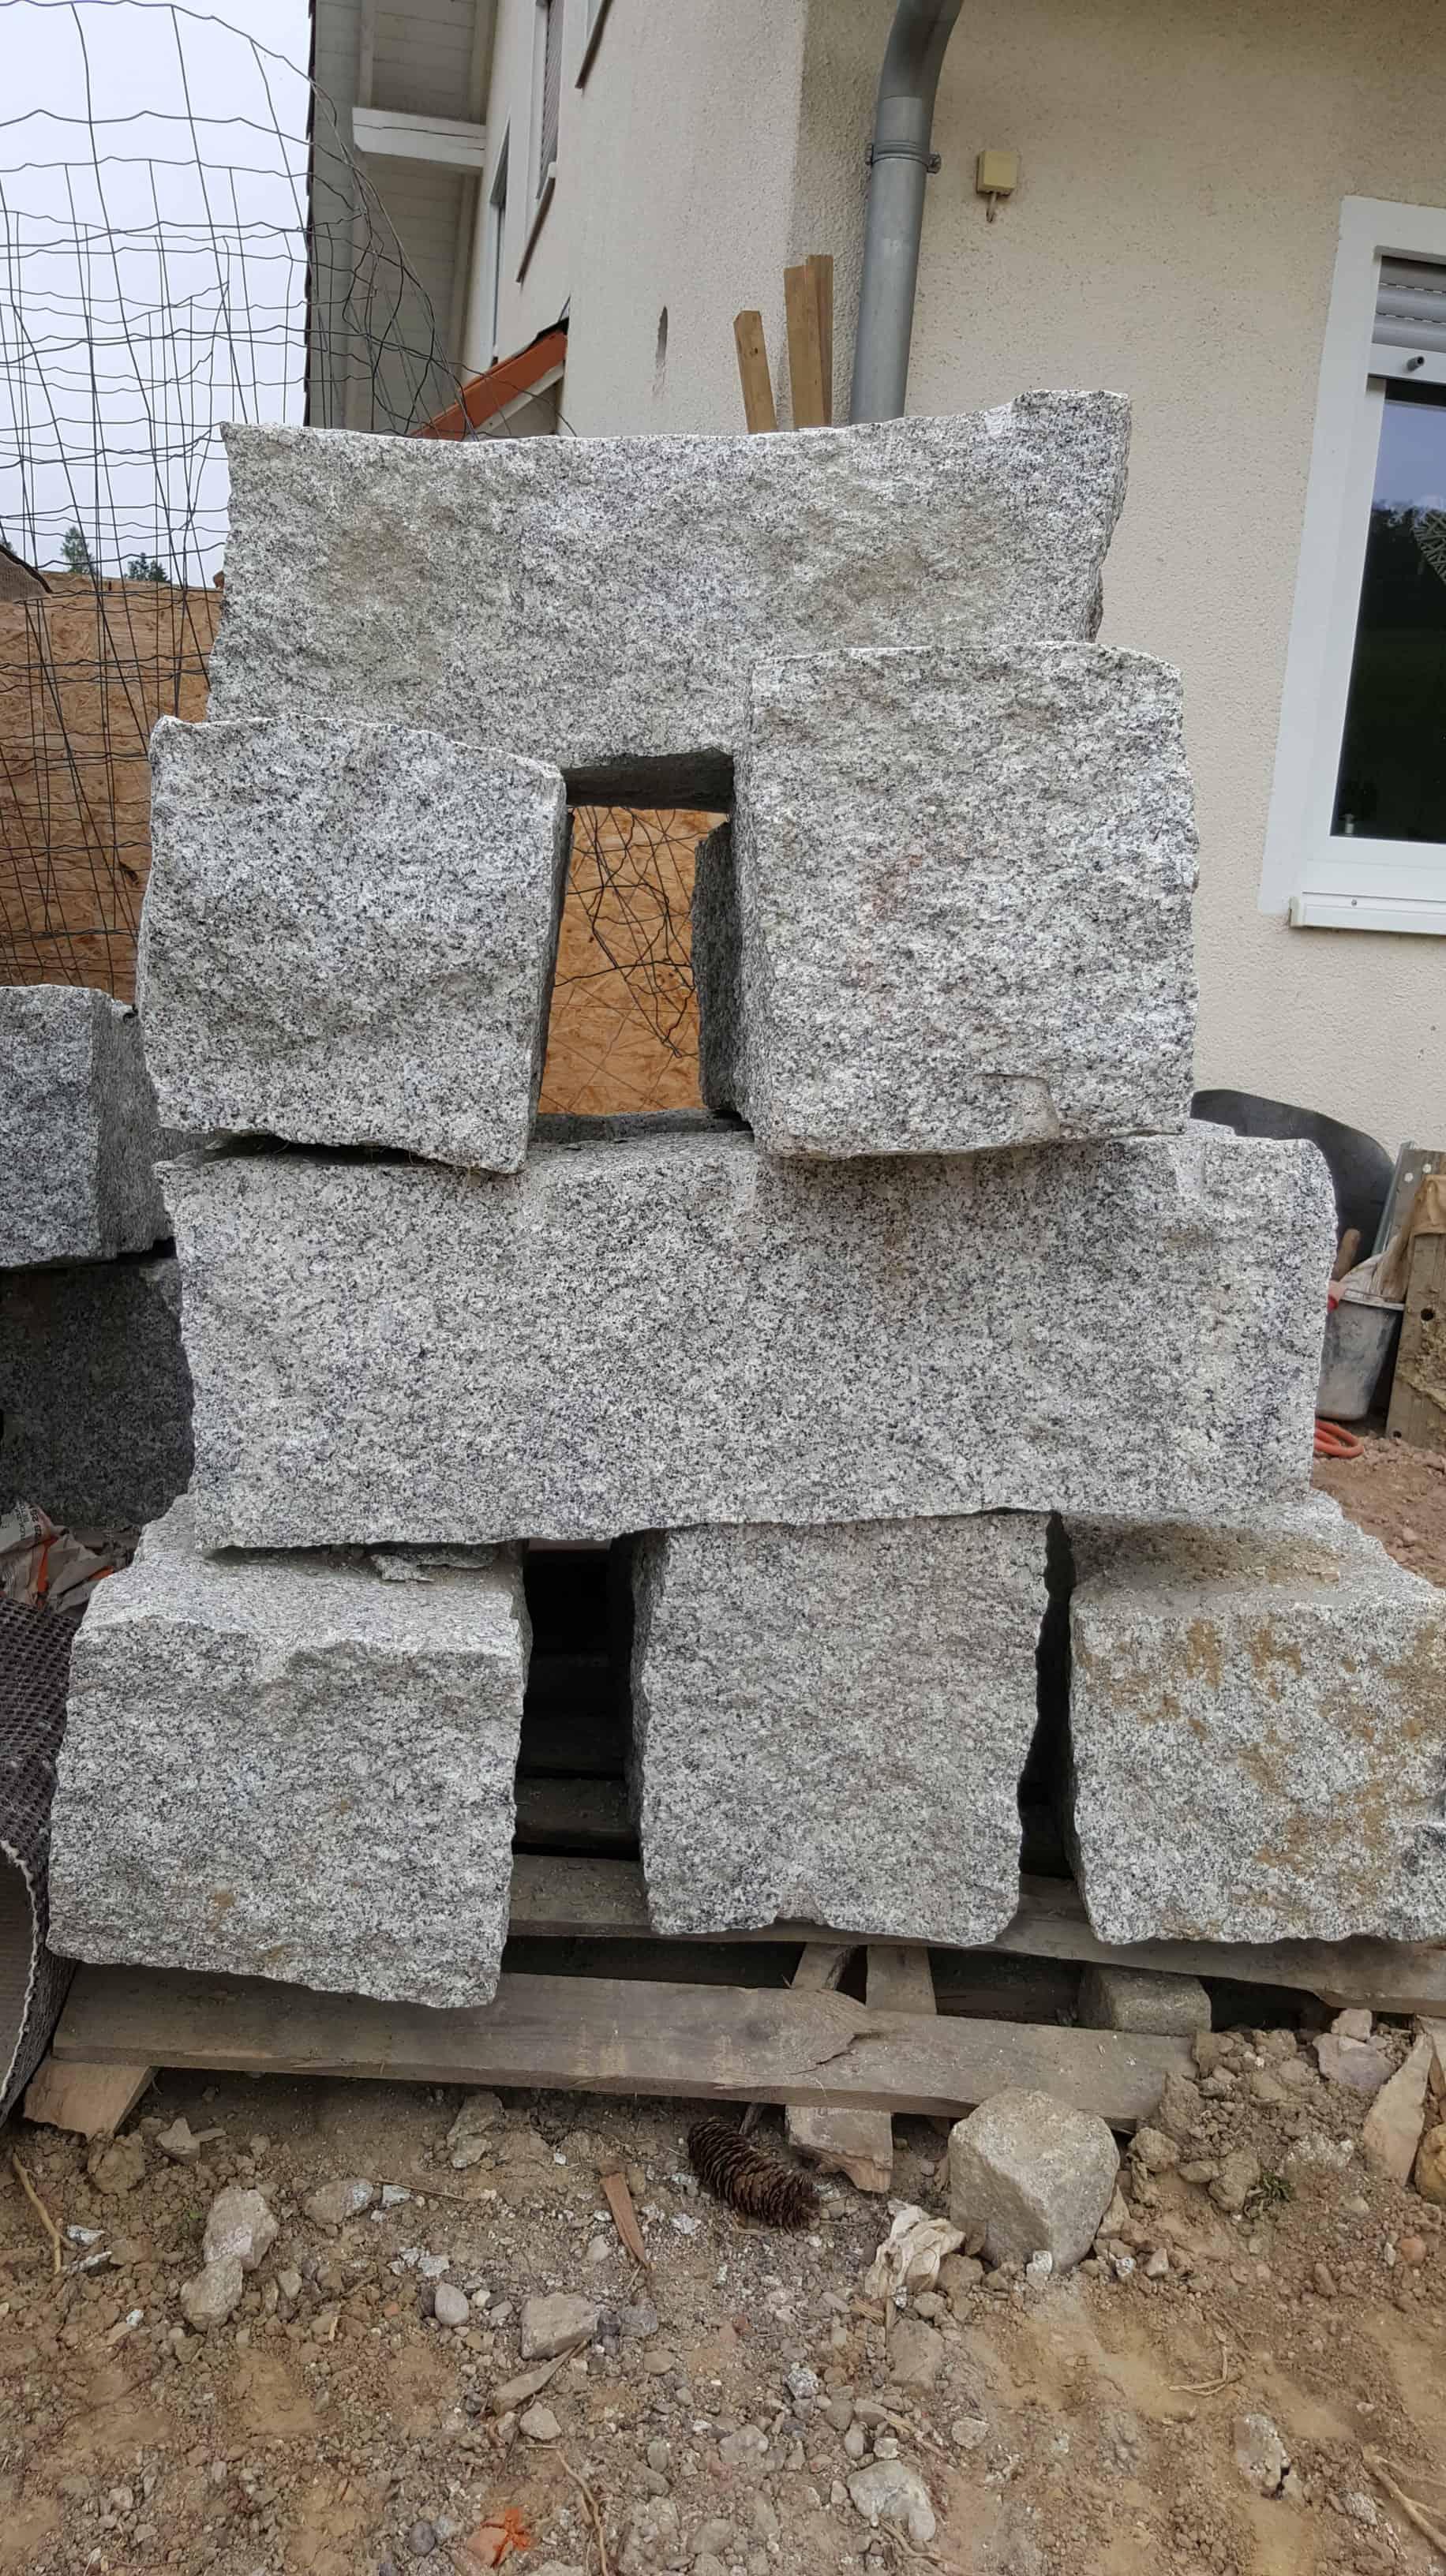 Granit Quader Steine 30x30cm in Längen 60-120cm